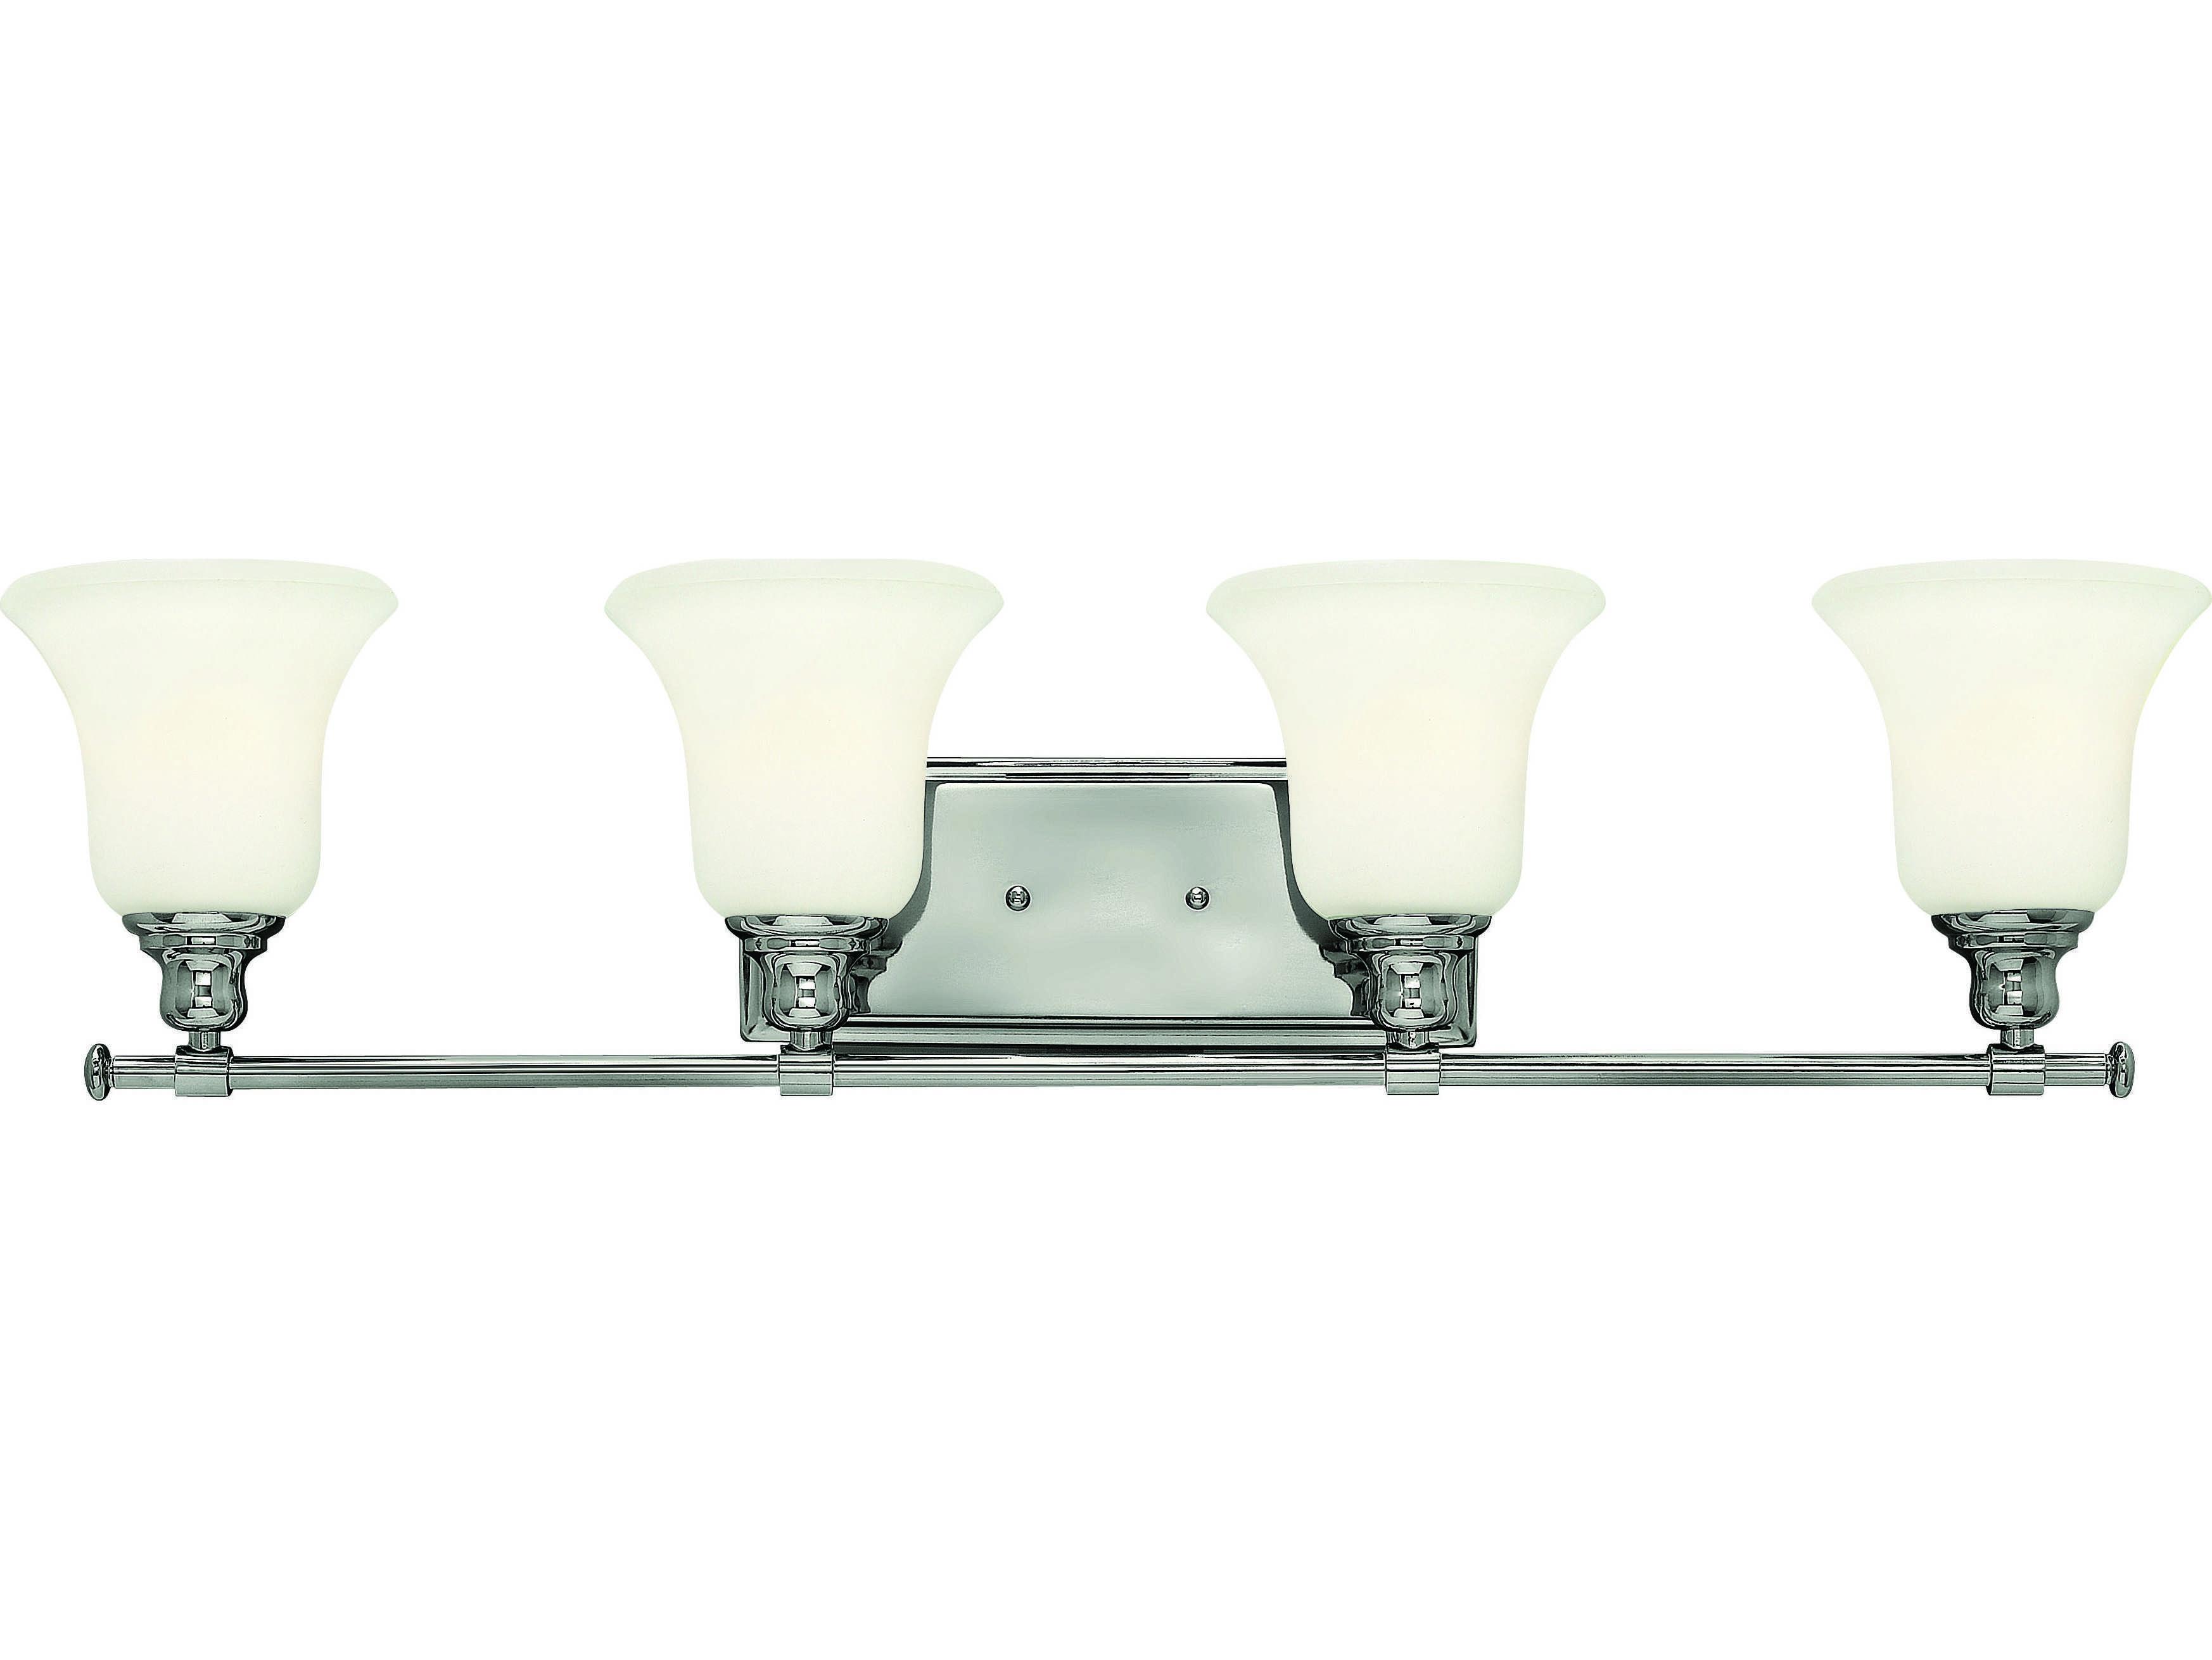 Hinkley Lighting Colette Chrome Four Light Vanity